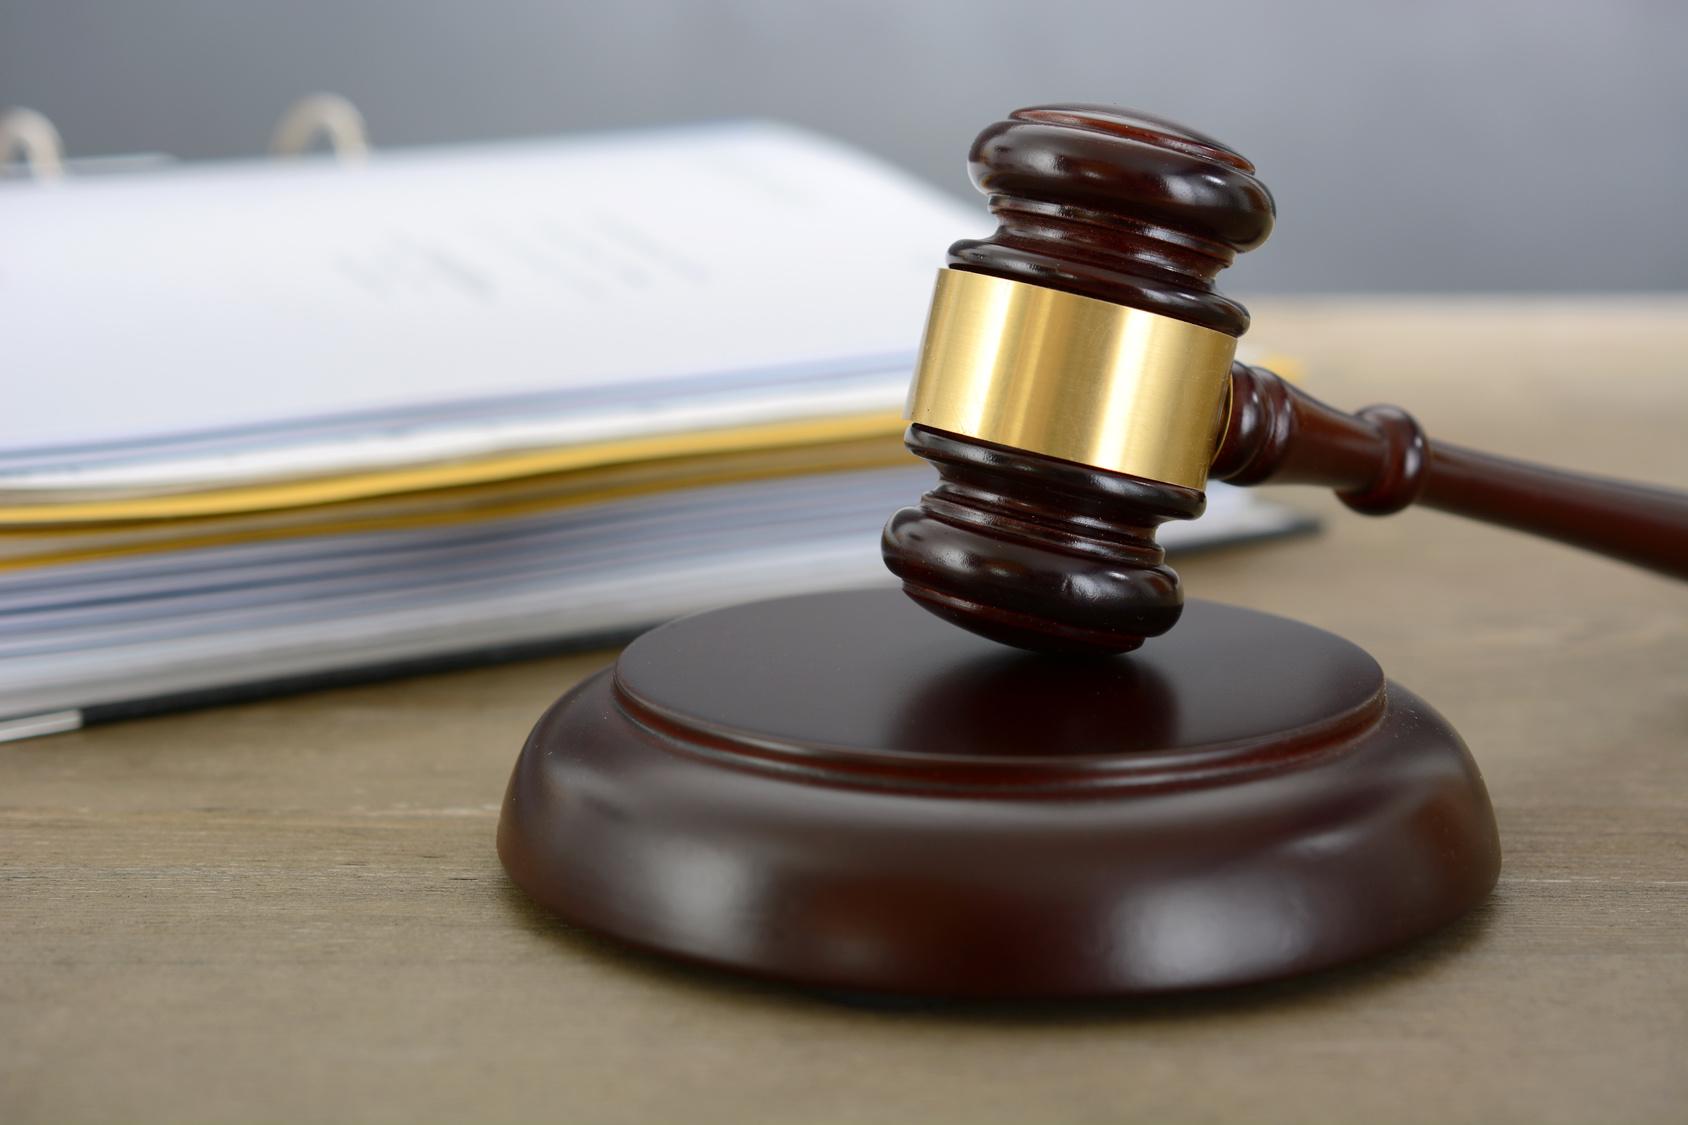 BGH-Urteil zum Wechselmodell in Zukunft sind salomonische Urteile gefragt